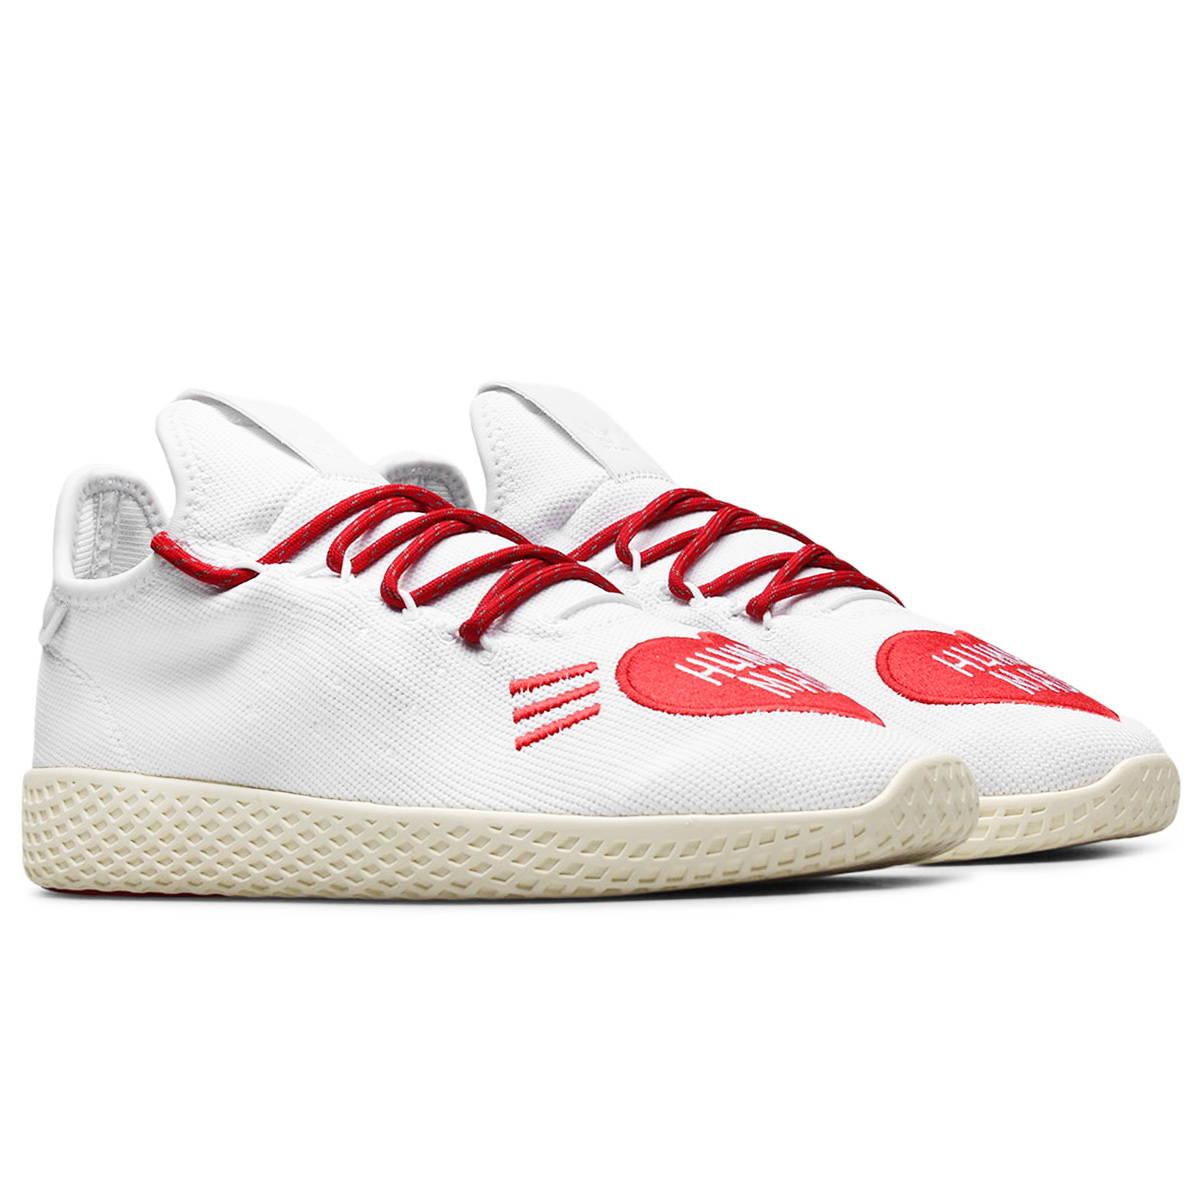 adidas Originals Pharrell Williams Human Race x Human Made